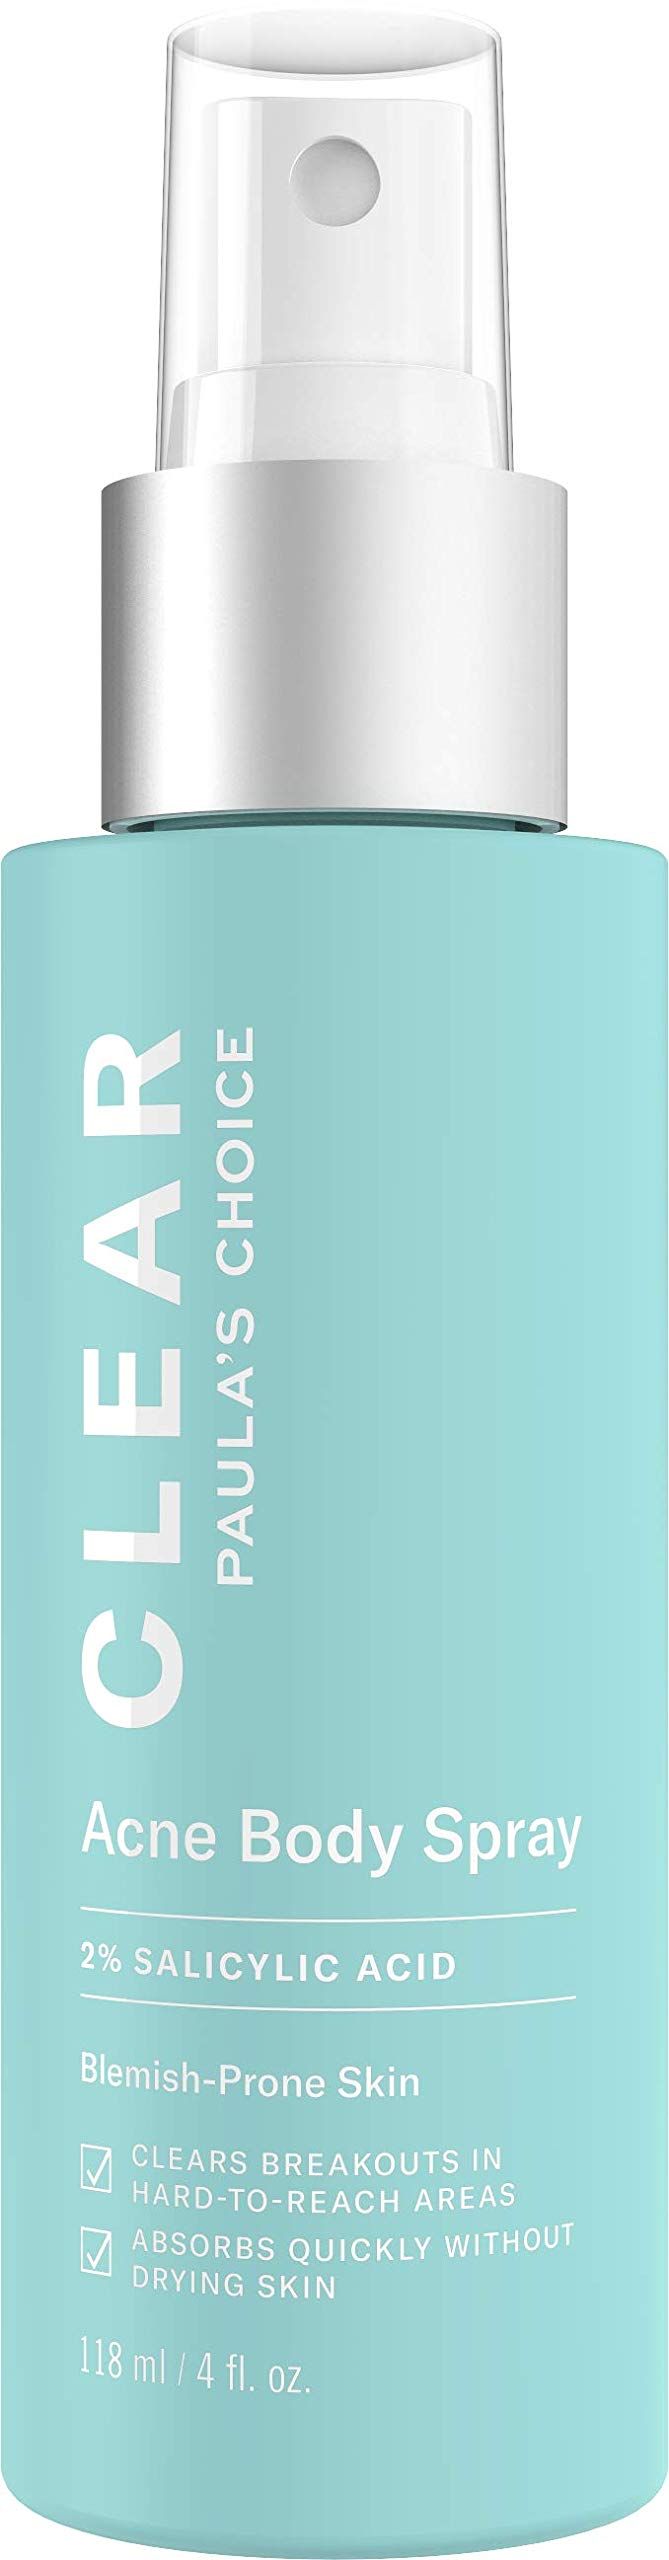 Paula's Choice CLEAR Back and Body Acne Spray, 2% Salicylic Acid Treatment for Blackheads & Blemishes, 4 Ounce by PAULA'S CHOICE